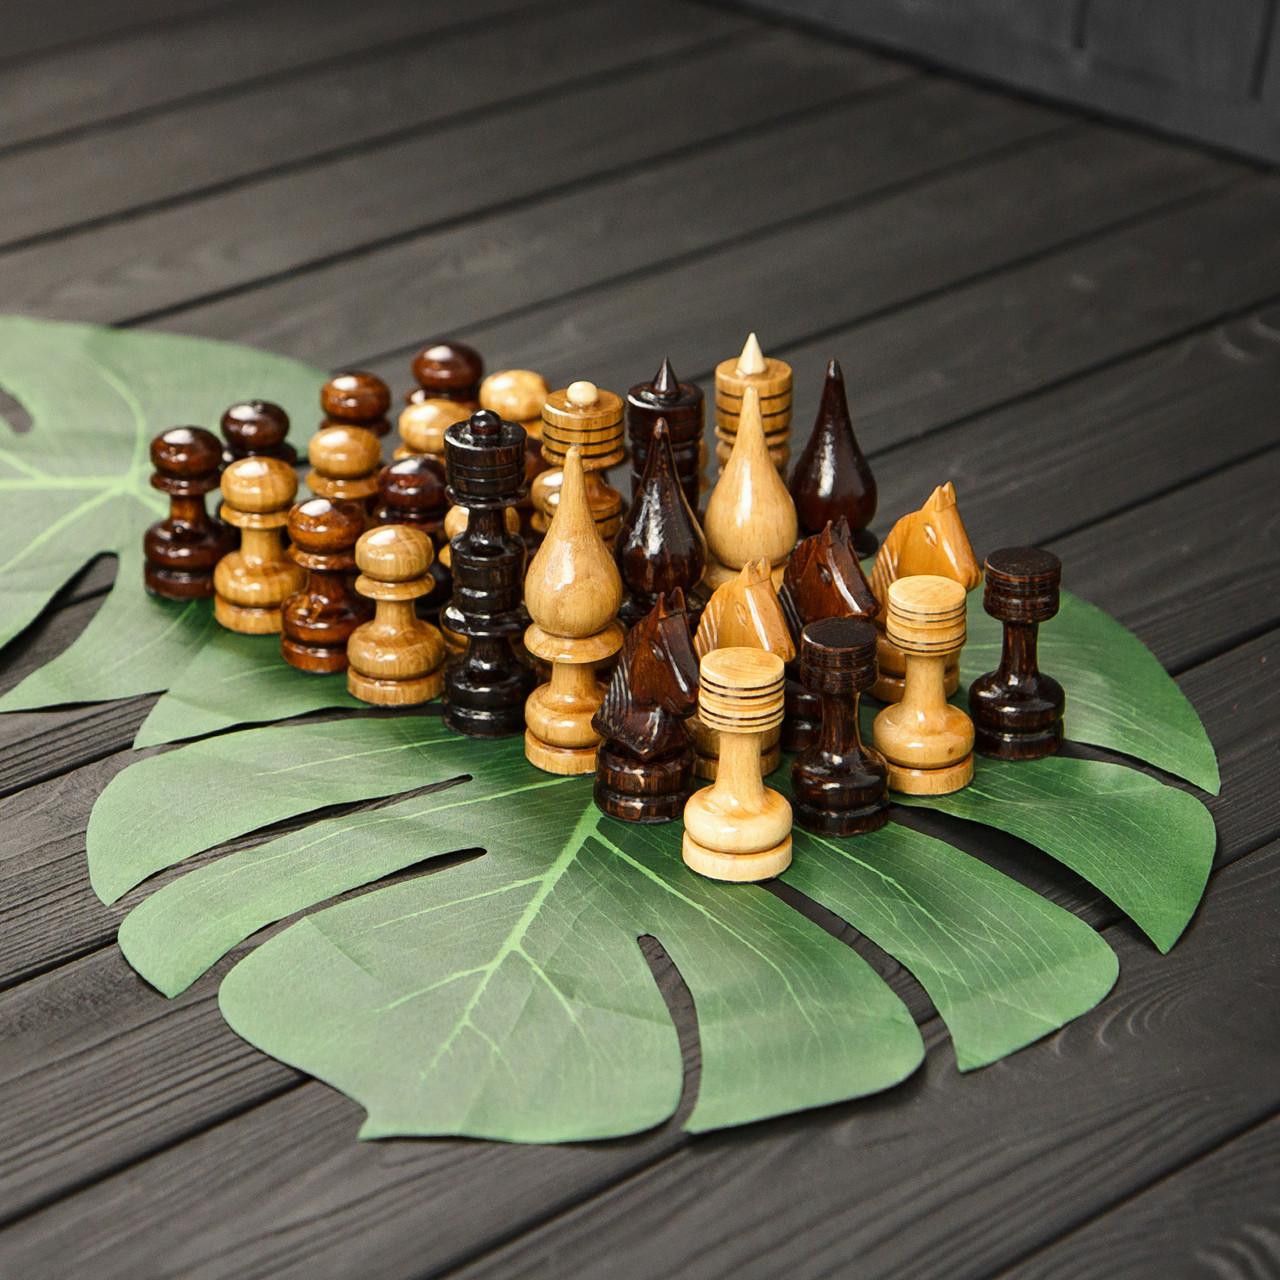 Набор элитных шахматных фигур из дерева ручной работы STRYI, фото 1